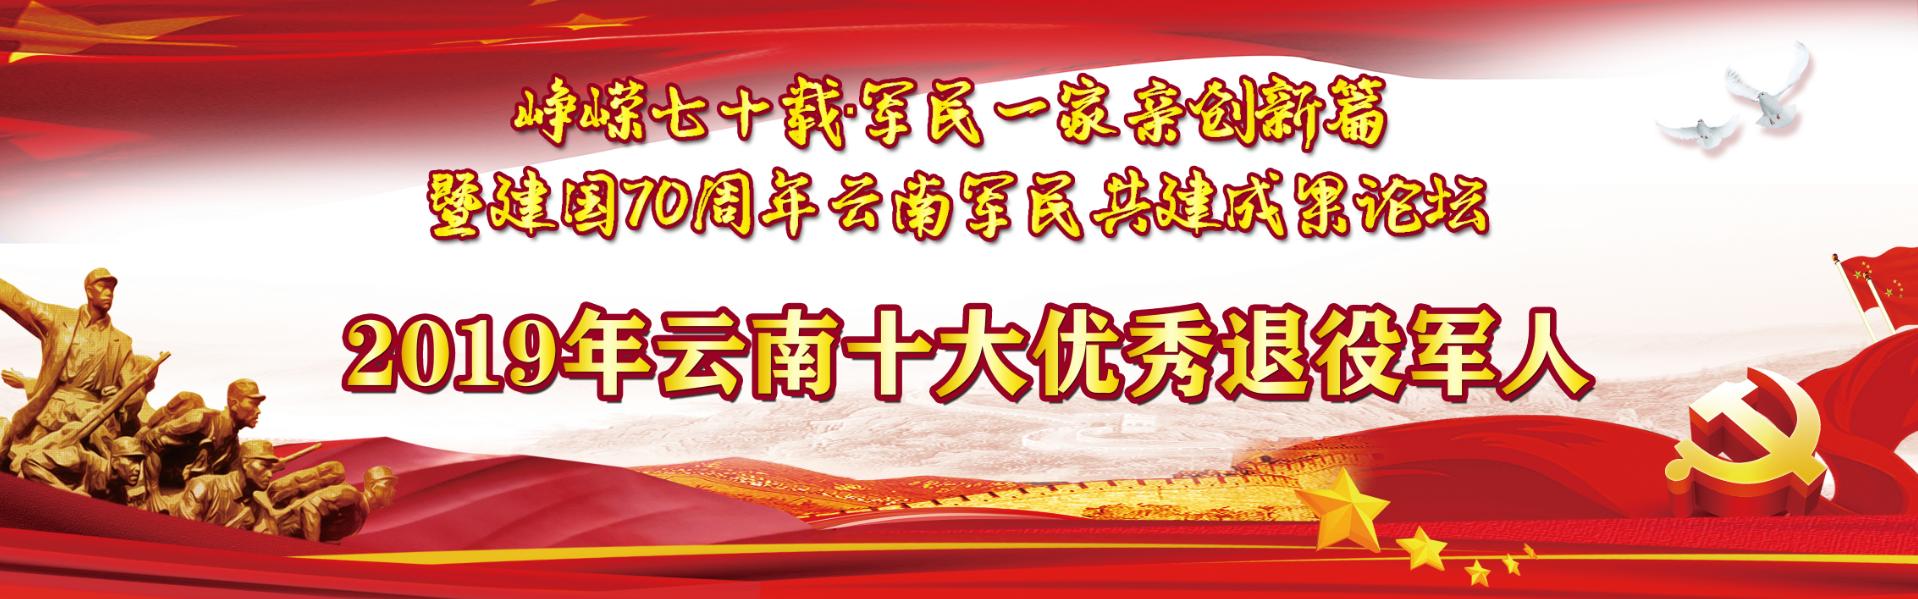 2019年云南省优秀退转军人评选 活动方案